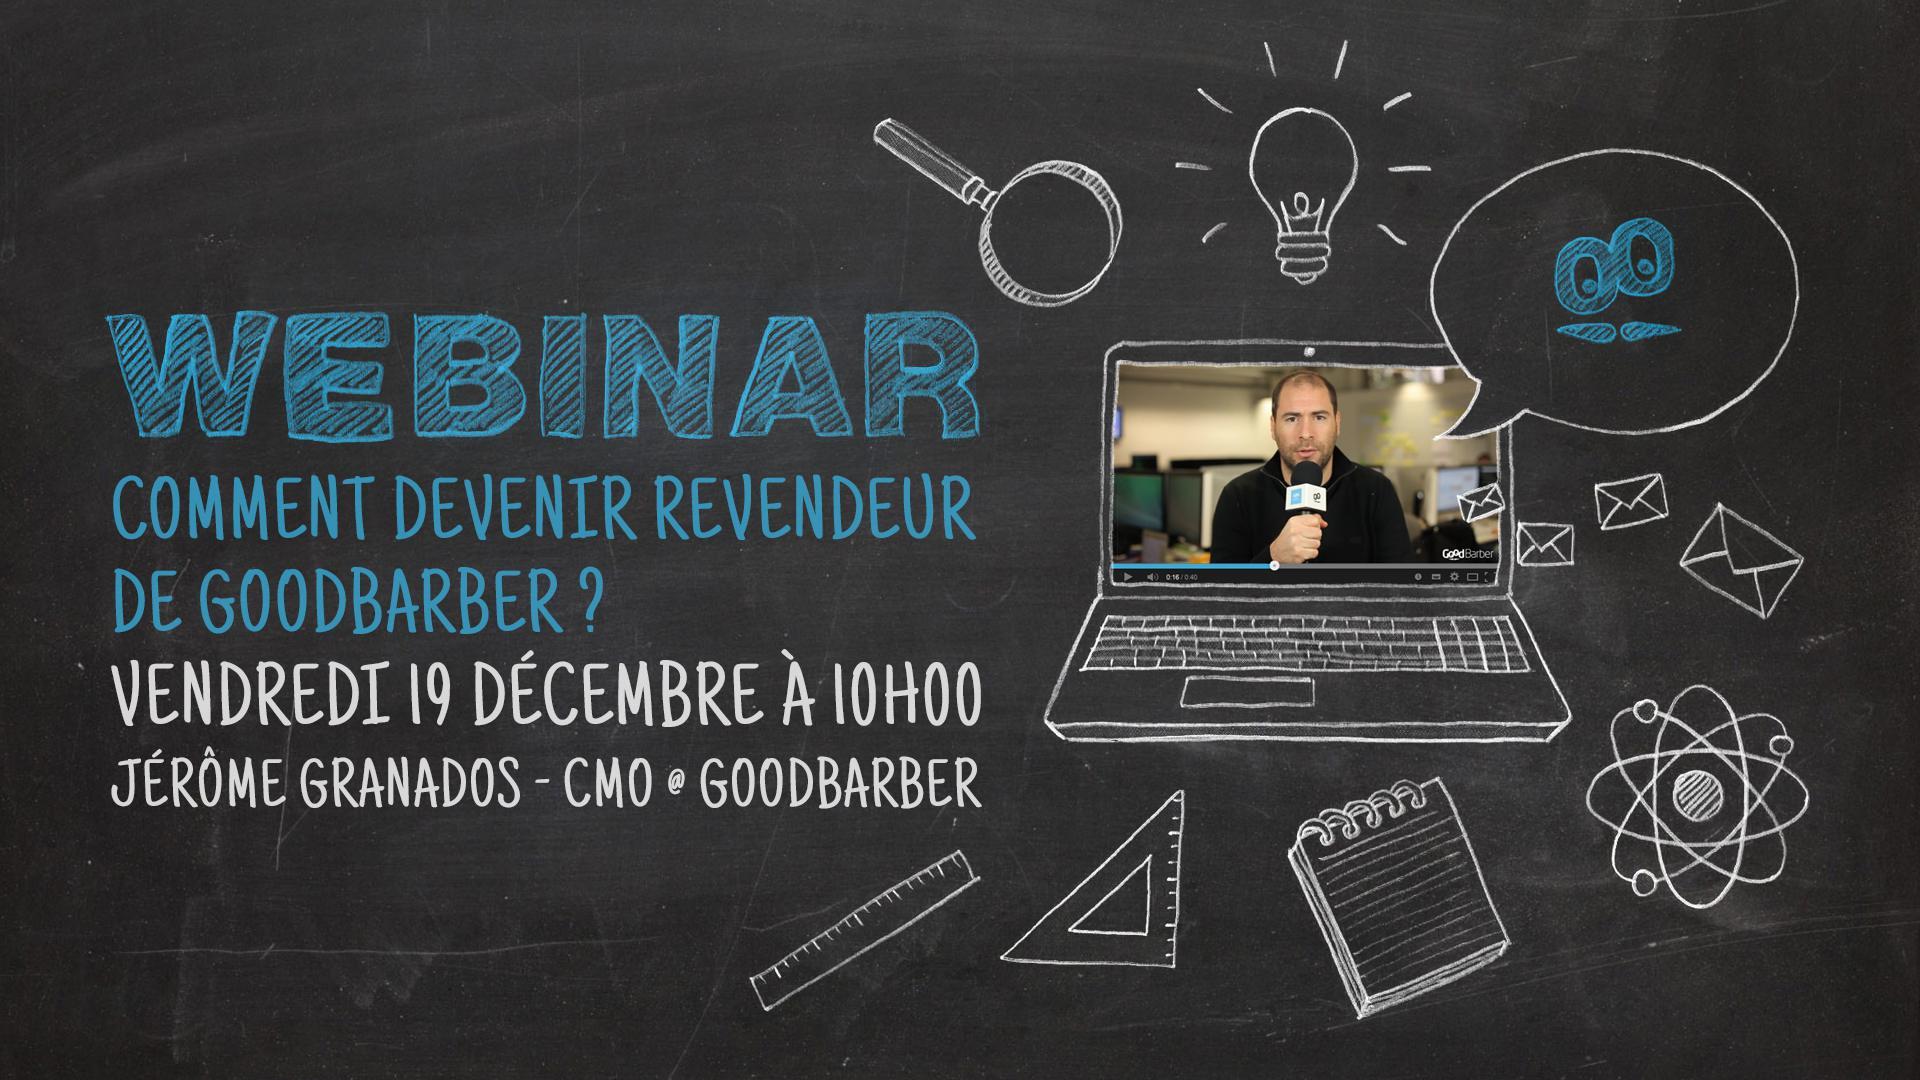 """Webinar: """"Comment devenir revendeur de GoodBarber?"""" - 19 Décembre 2014"""